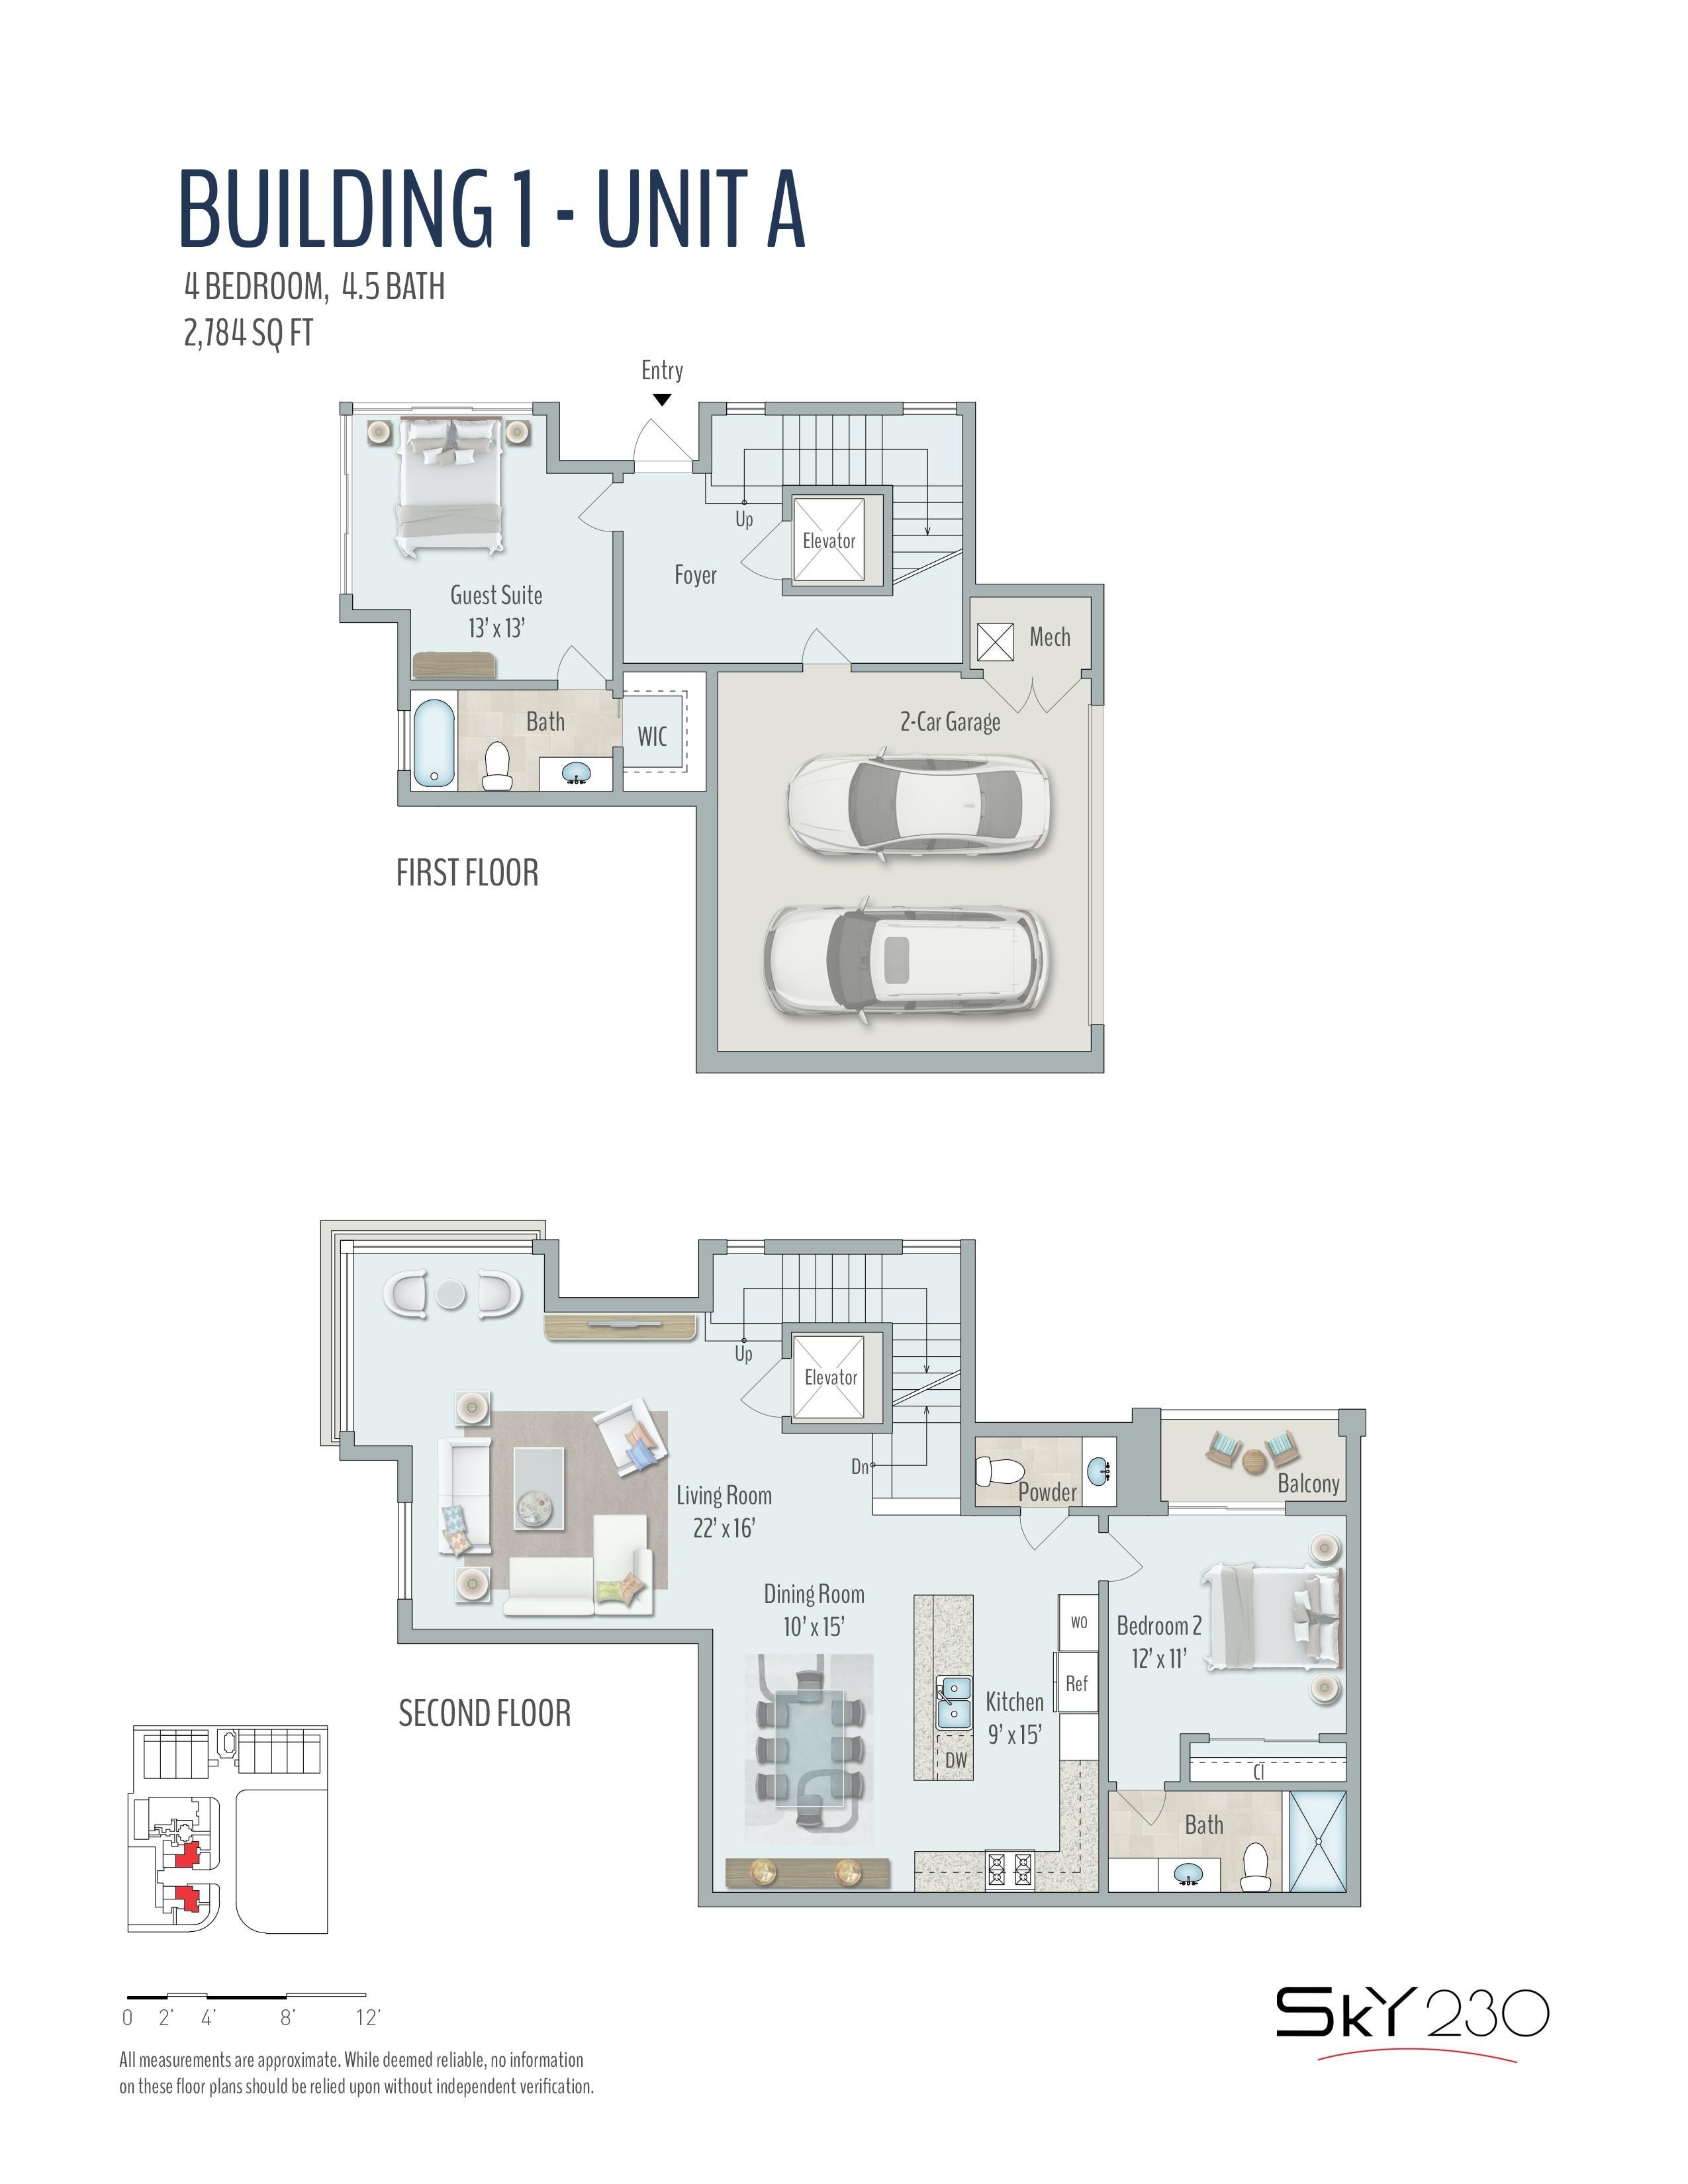 Sky230 Part No 250 15 255 8 260 4 261 5 Model A 12 Floors